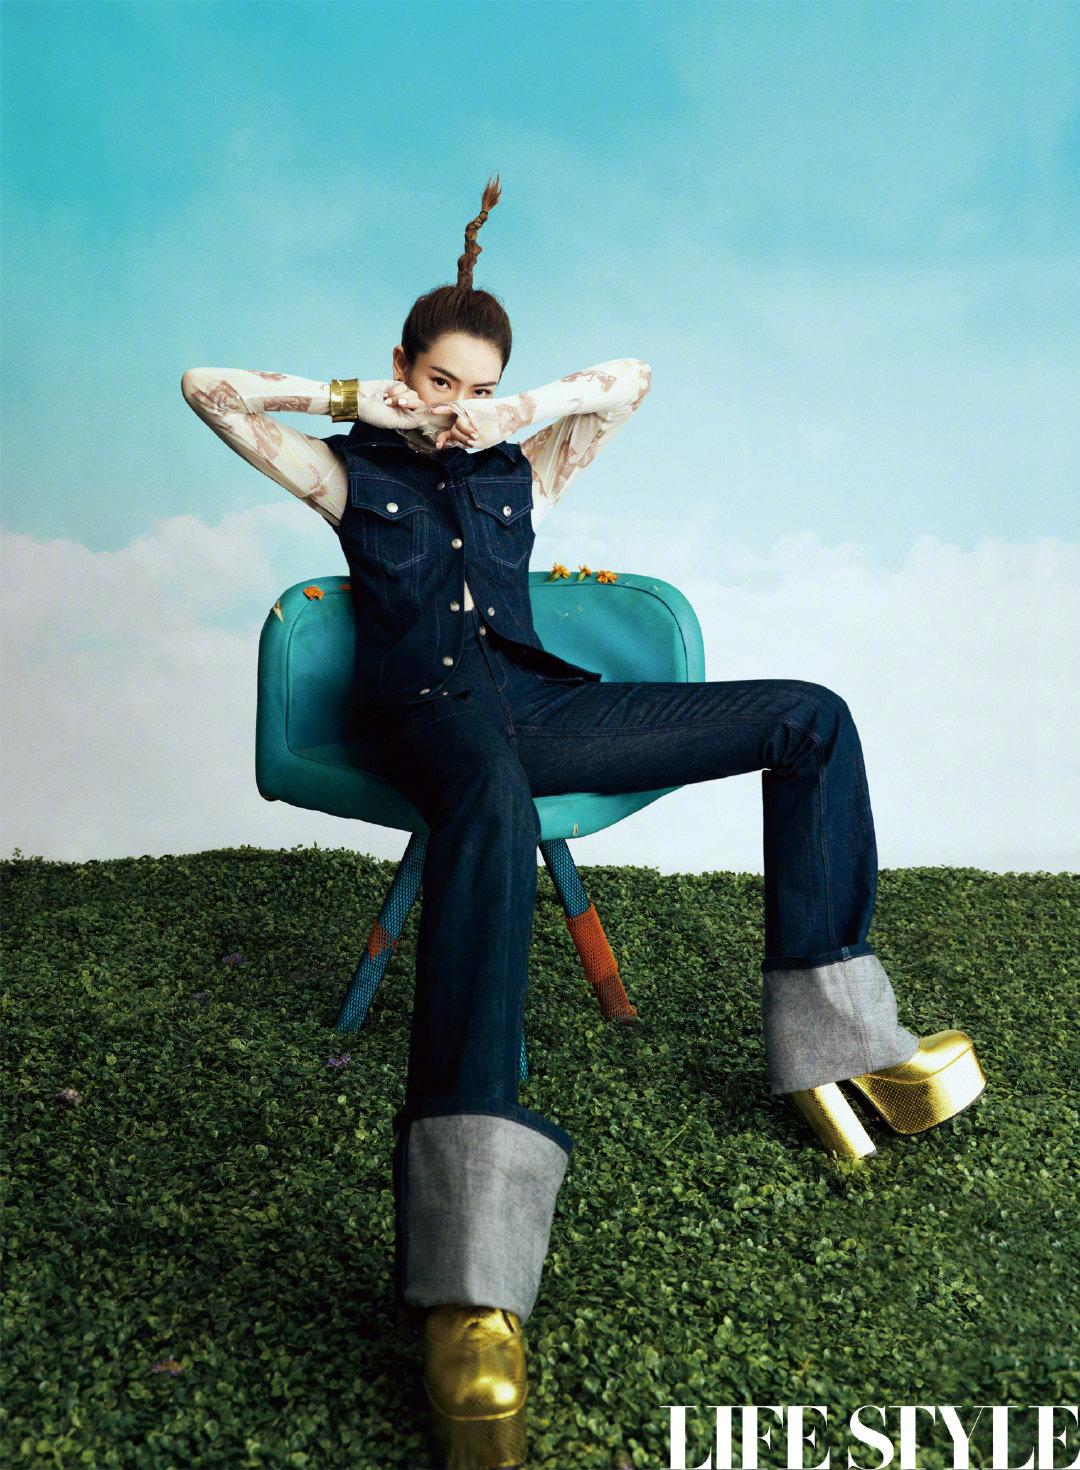 戚薇解锁冲天辫发型,复古前卫引领时尚潮流,期待解锁更多时尚造型